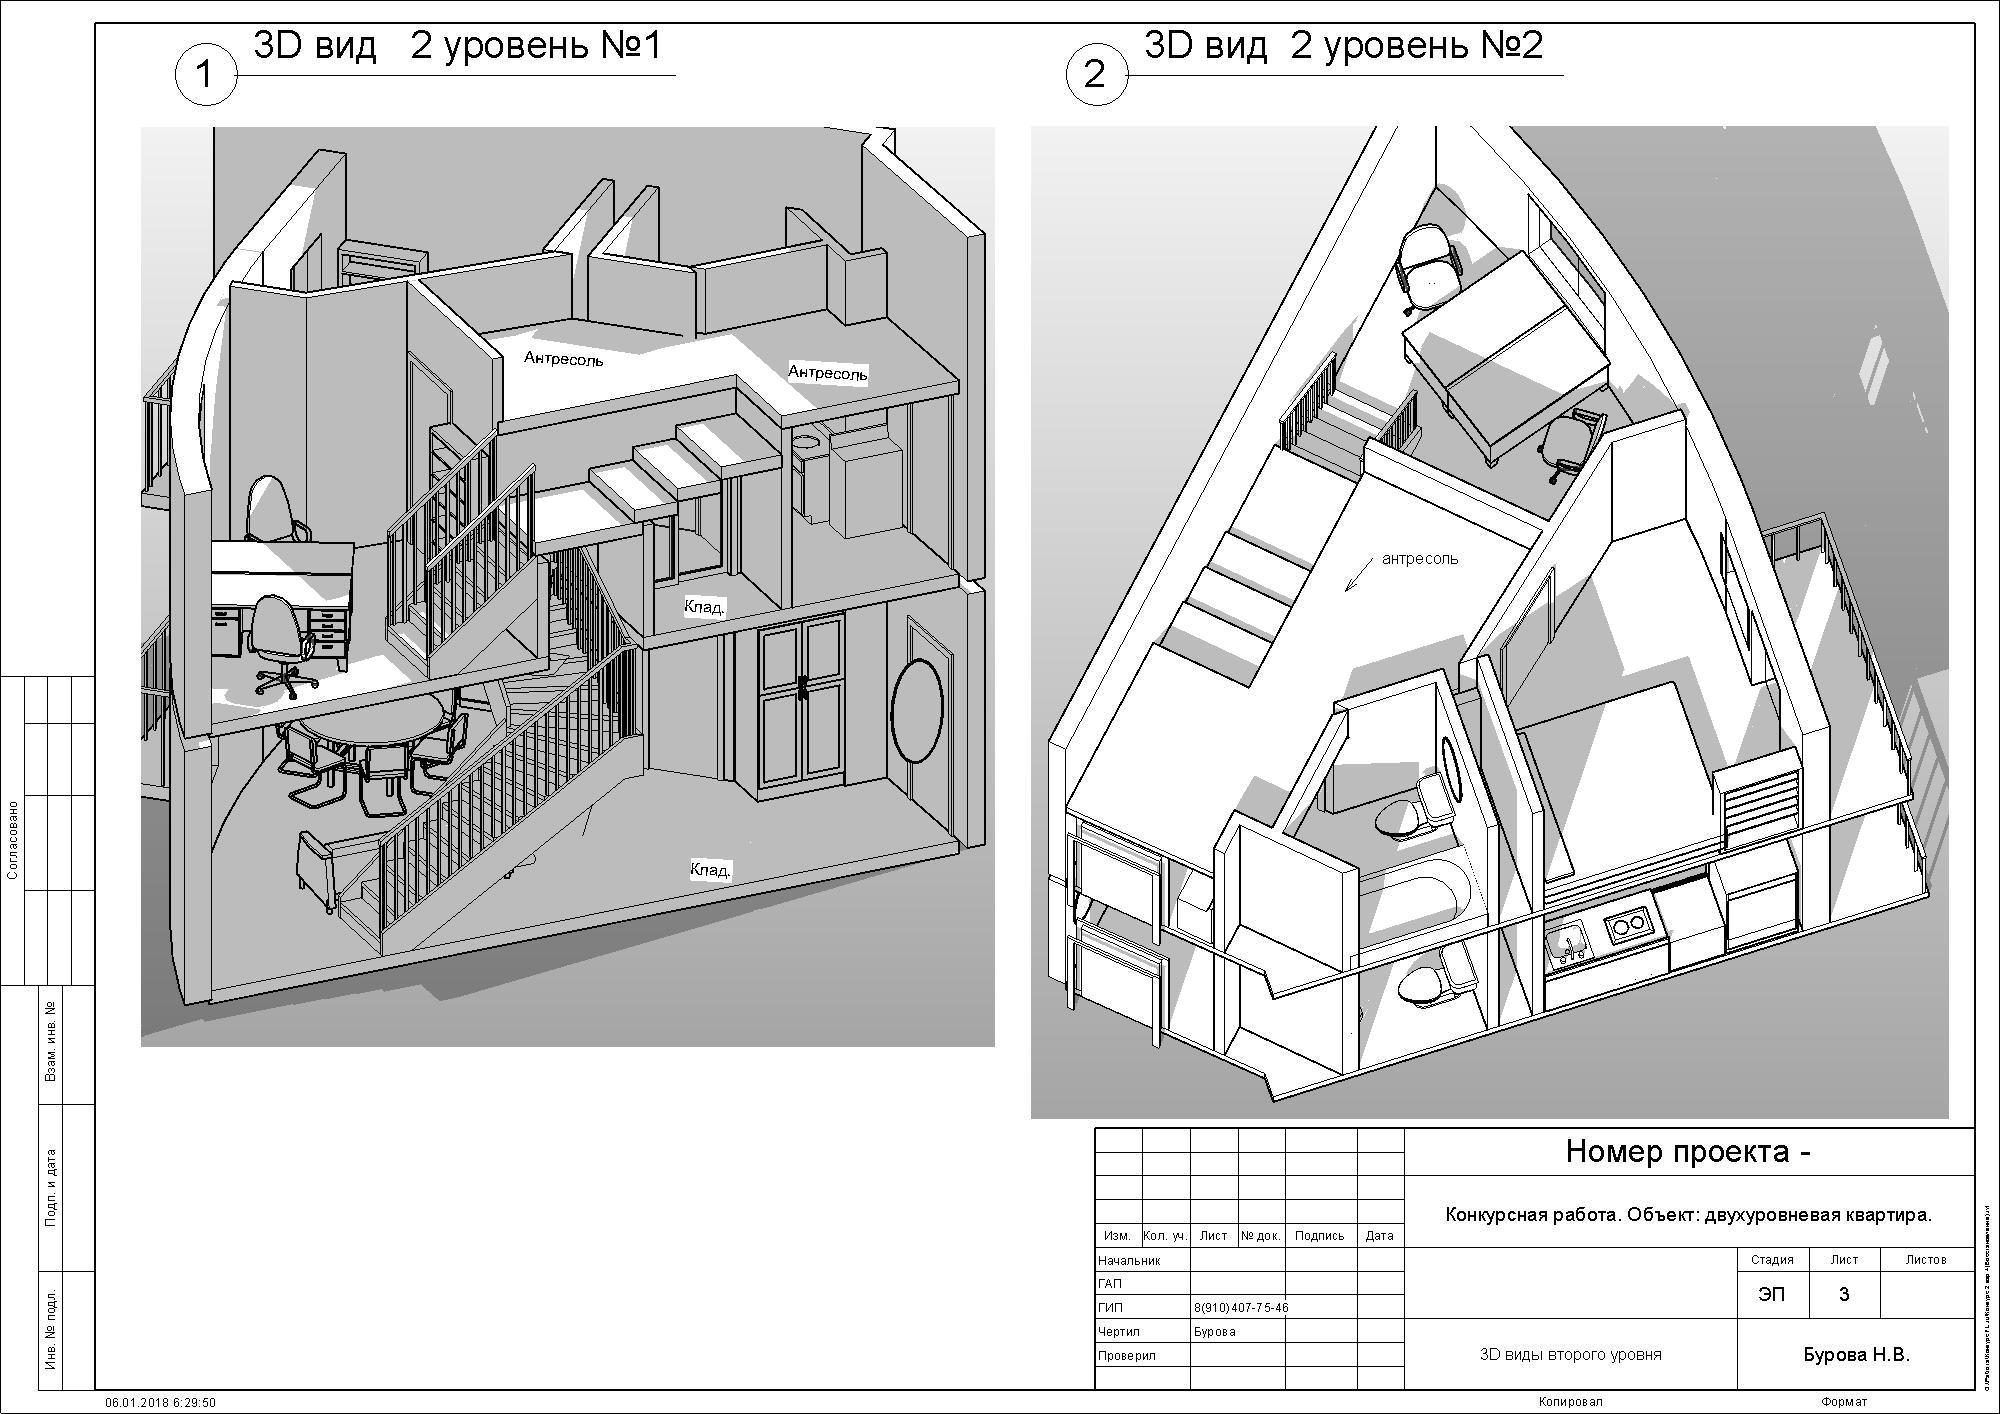 Планировочное решение для 2-уровневой кв.37,5м фото f_9515a5043289971d.jpg